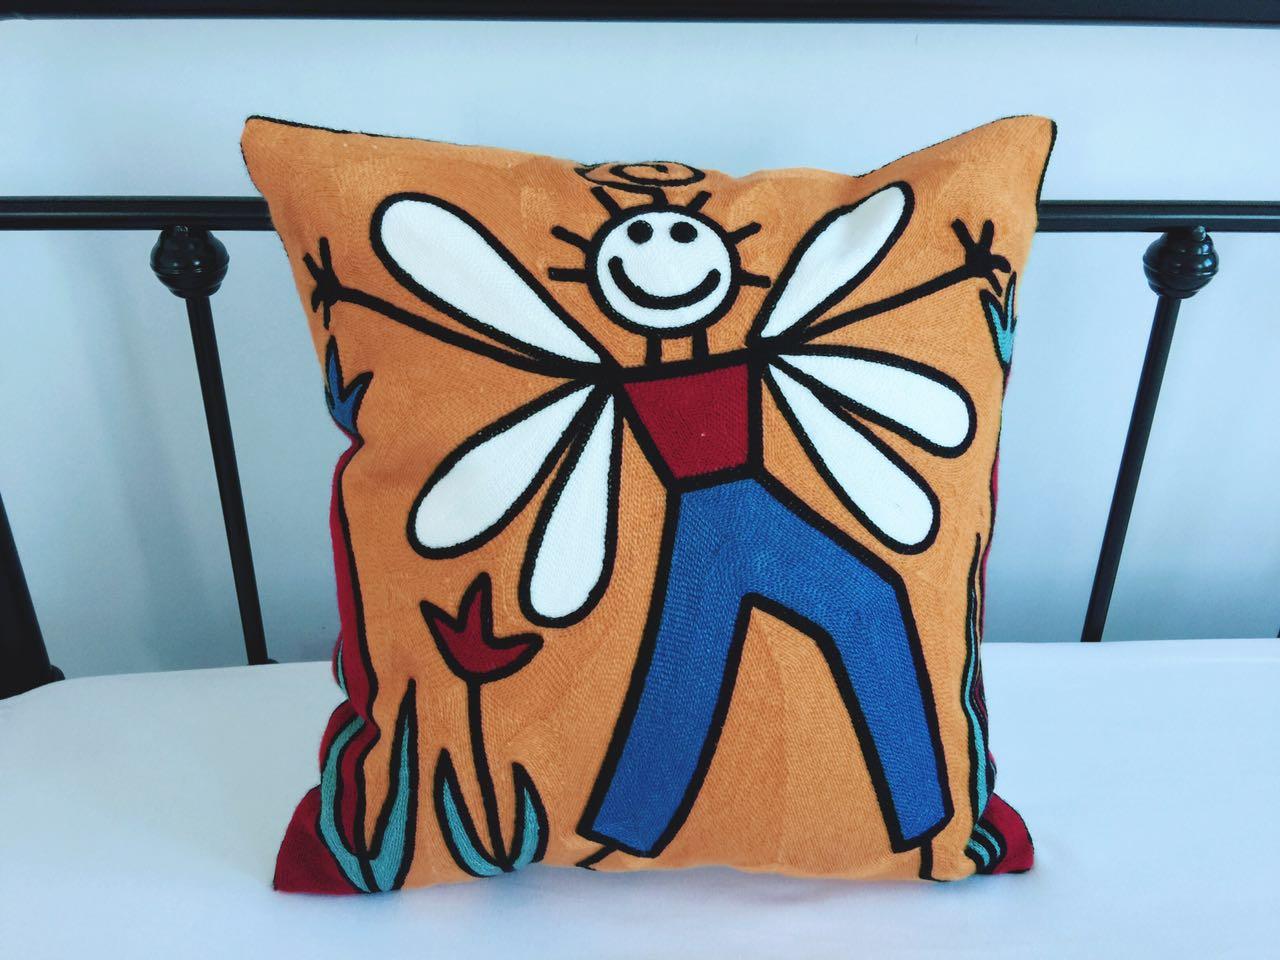 Мультики подушка диван подушка офис комната подушка прикроватный спинка автомобиль ремень подушка подушка ядро поясничная подушка подушка